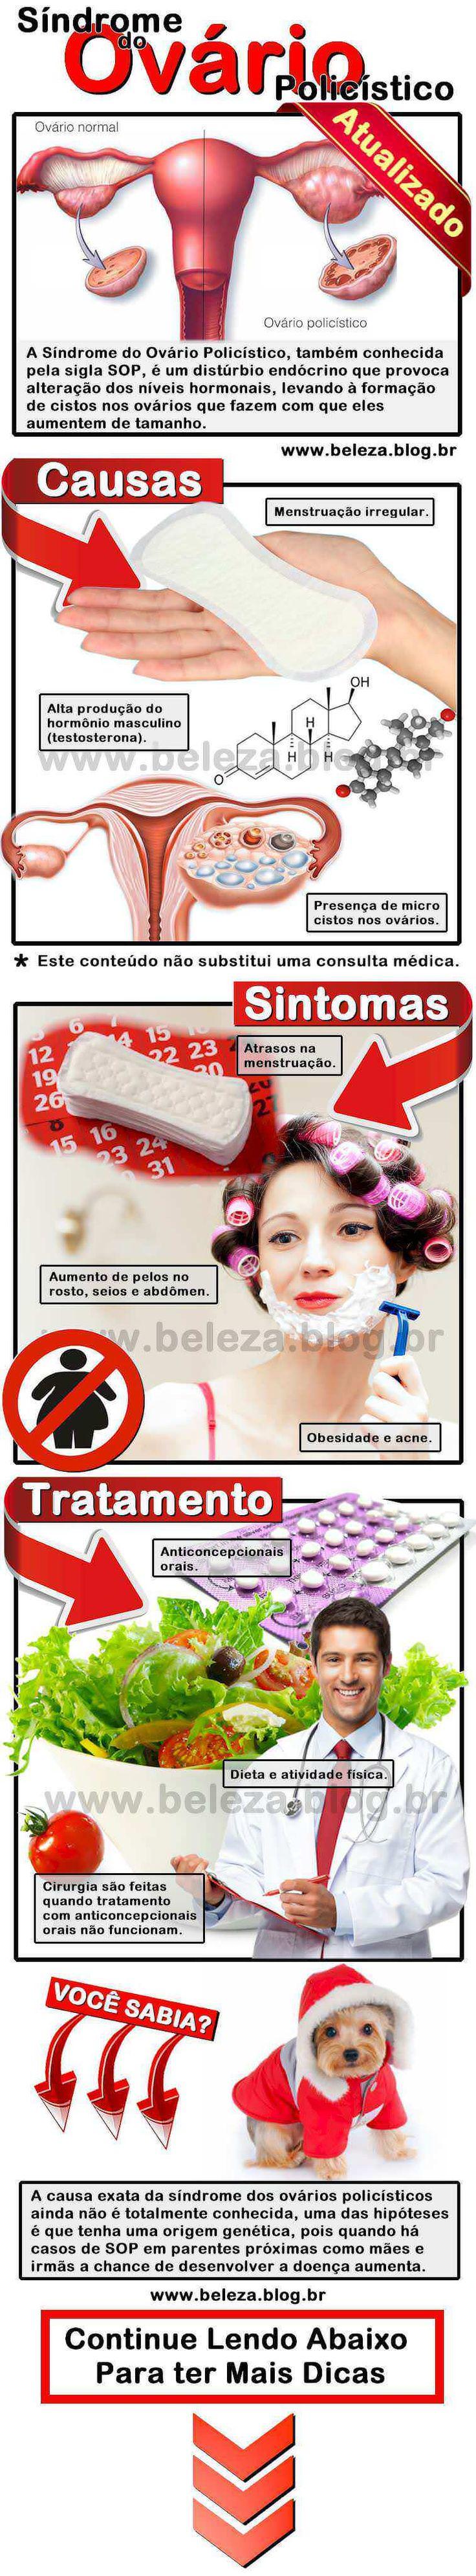 beleza.blog.br20-remedios-caseiros-sindrome-do-ovario-policistico